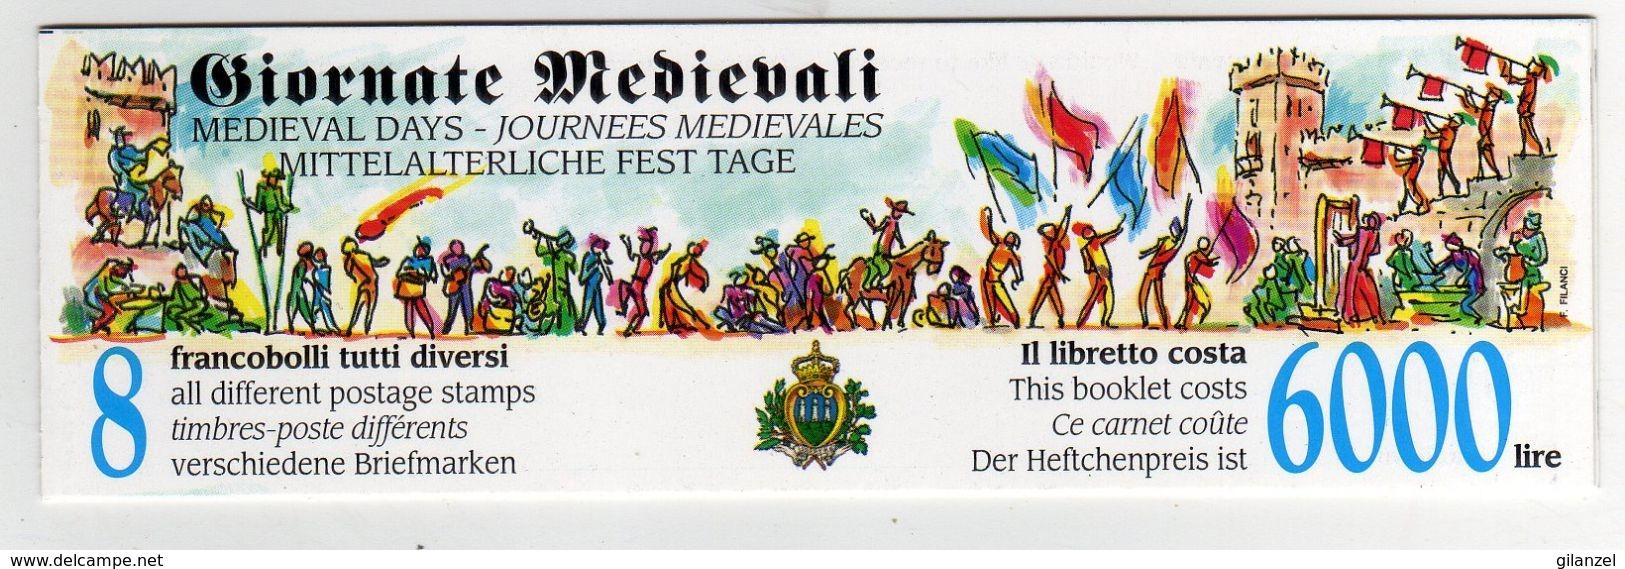 San Marino 1996 Libretto Carnet Giornate Medievali Mittelalterliche Fest Tage Medievals Days - Non Classificati